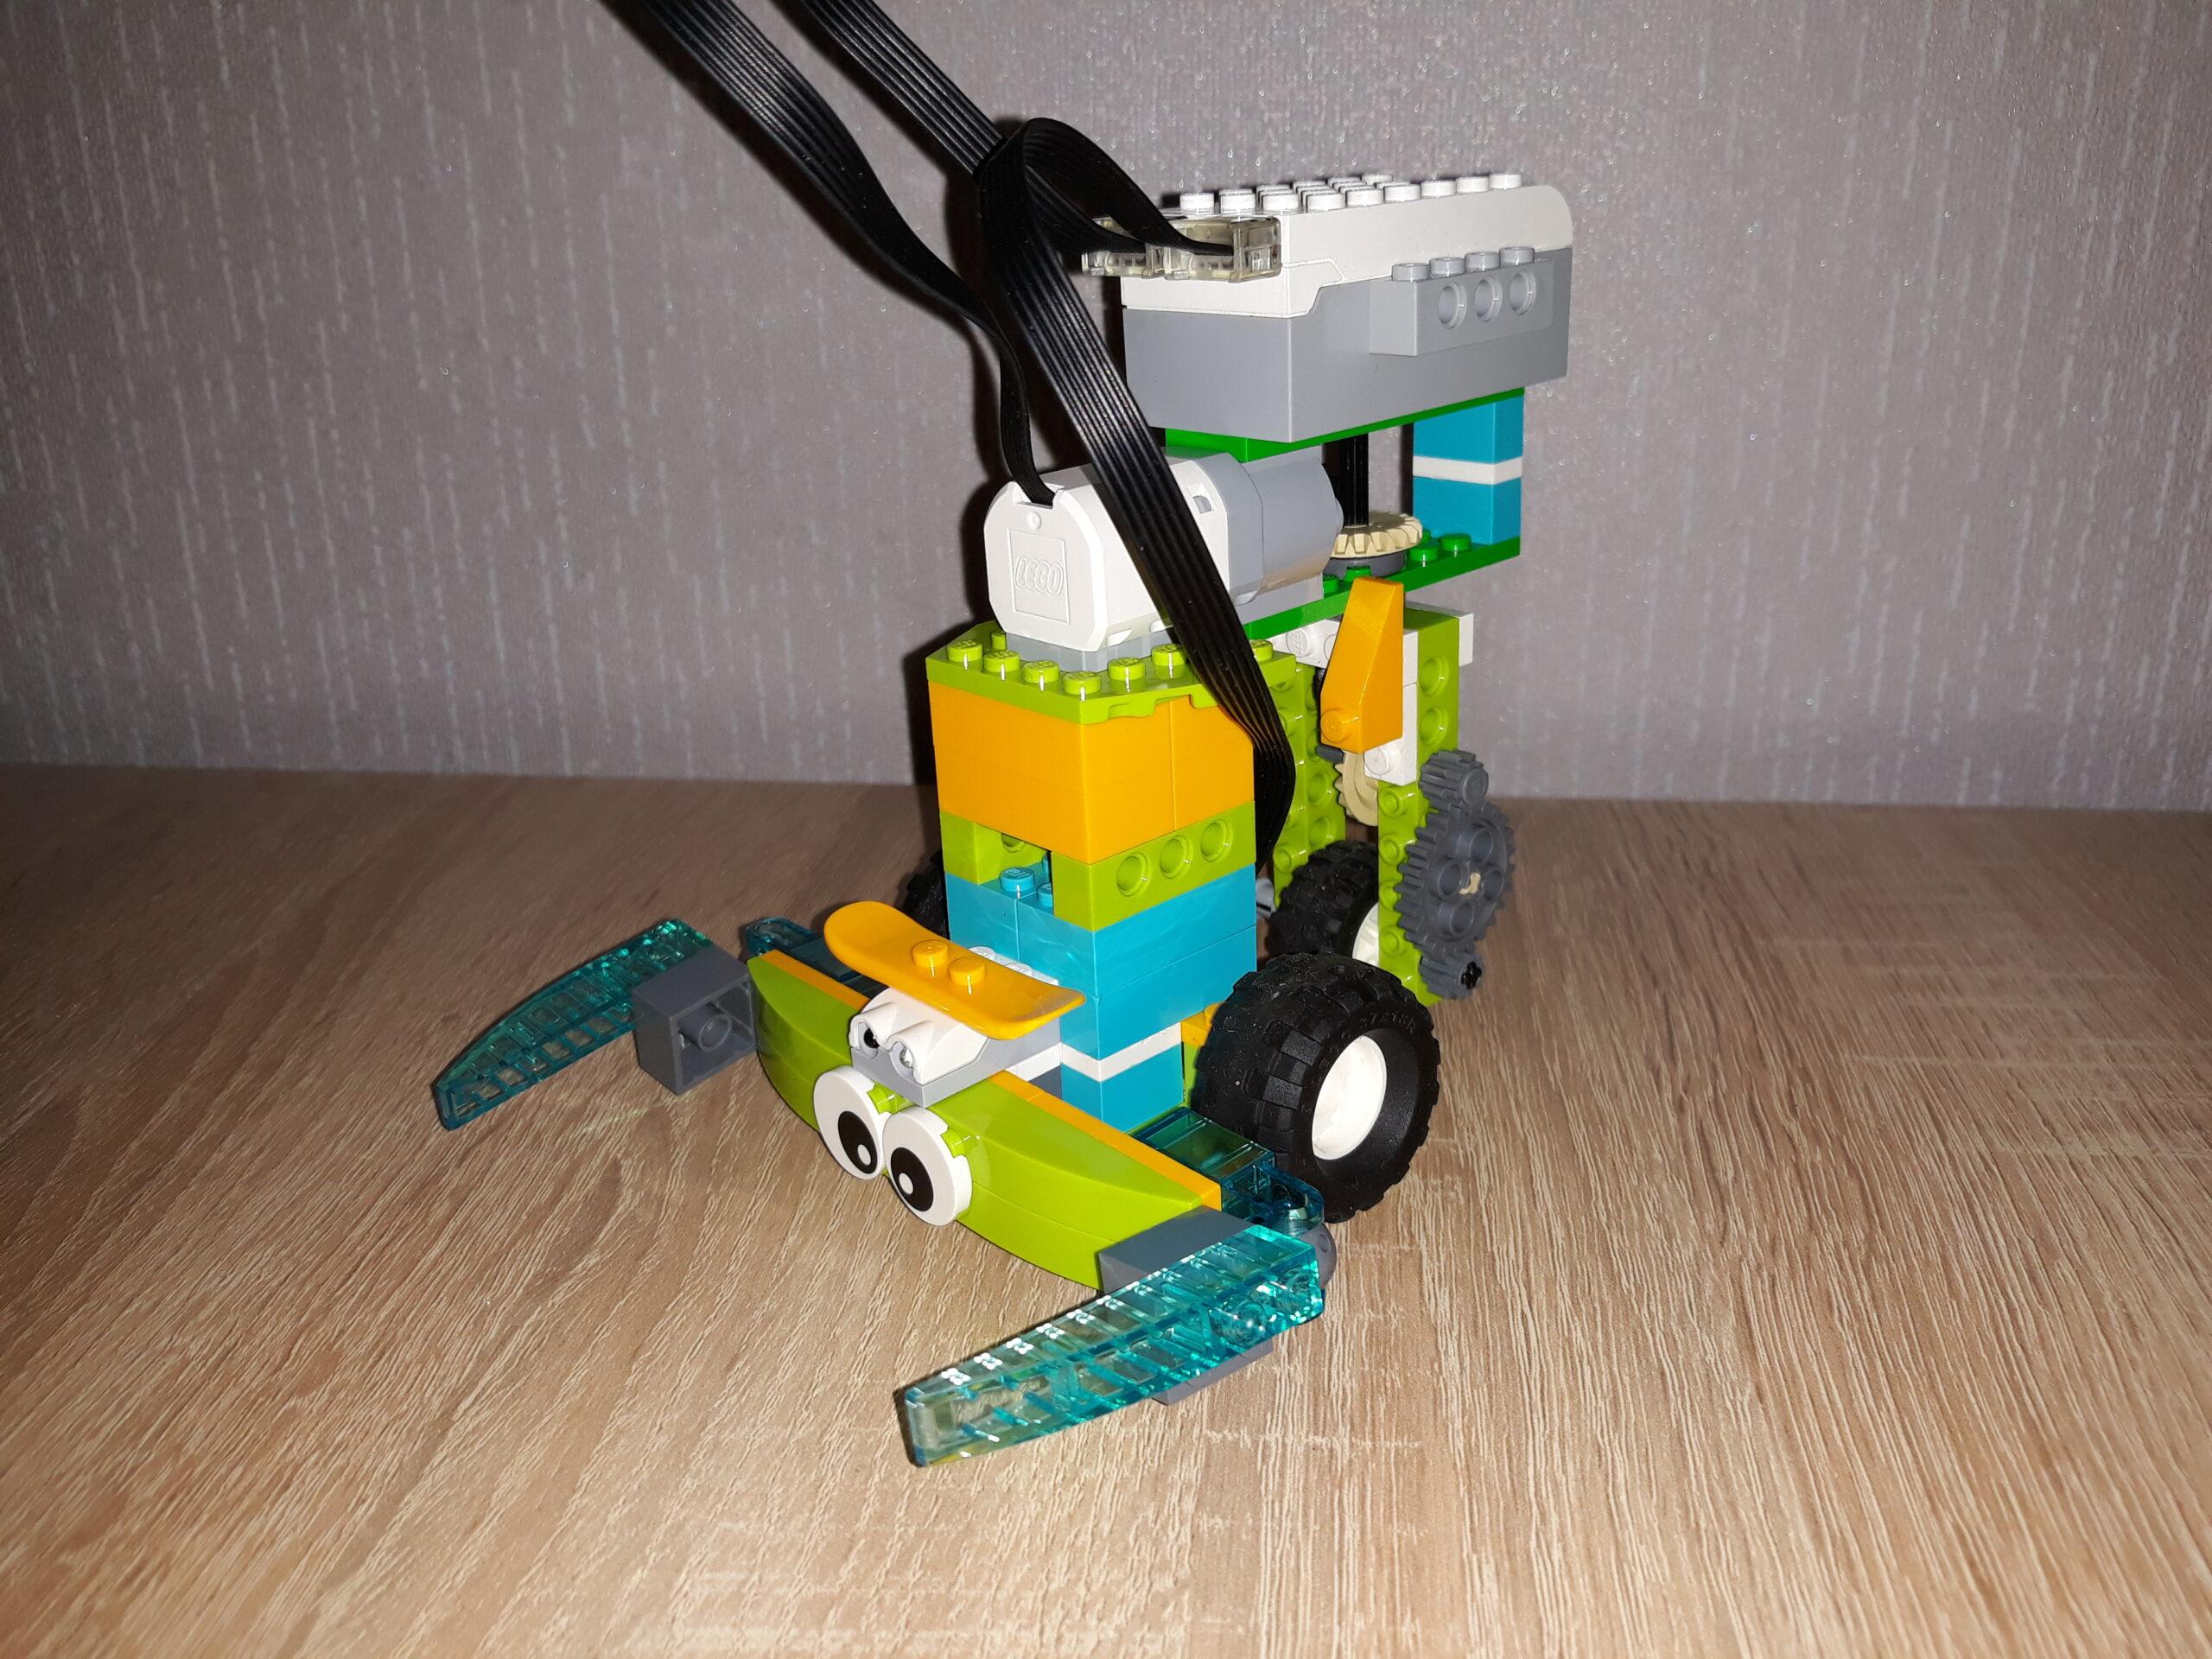 Инструкция по сборке из набора LEGO Education WeDo 2.0 Скорпион